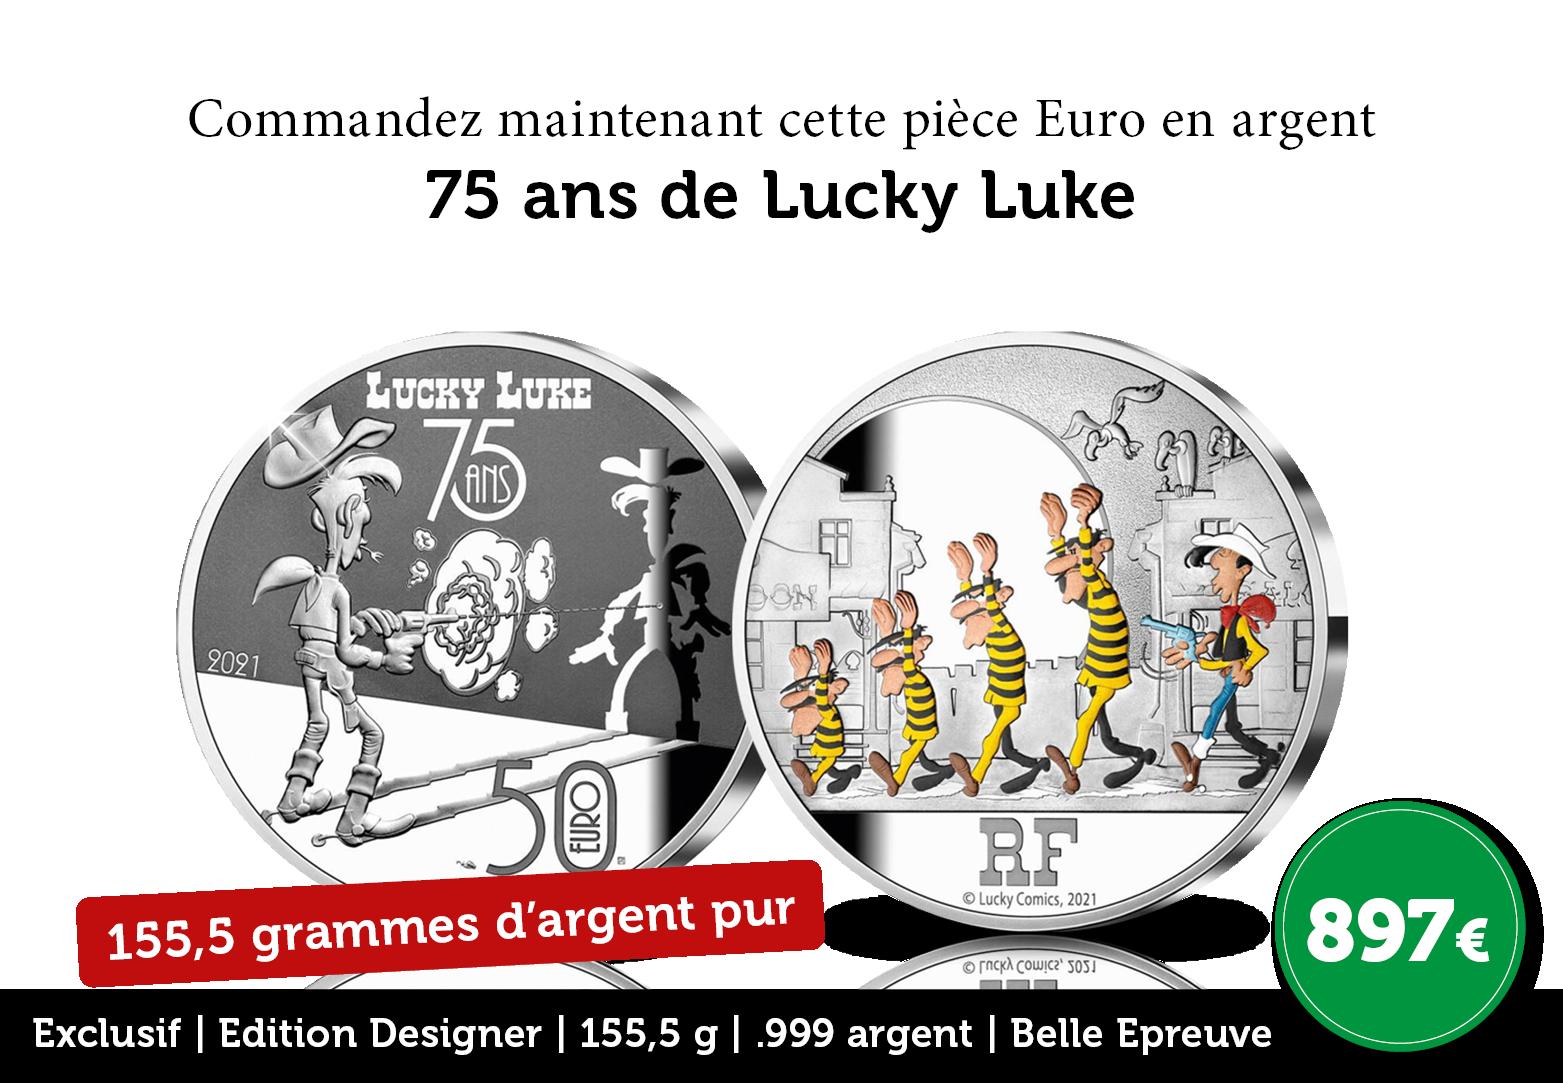 Les 75 ans de Lucky Luke frappés dans pas moins de 155,5 grammes d'argent !